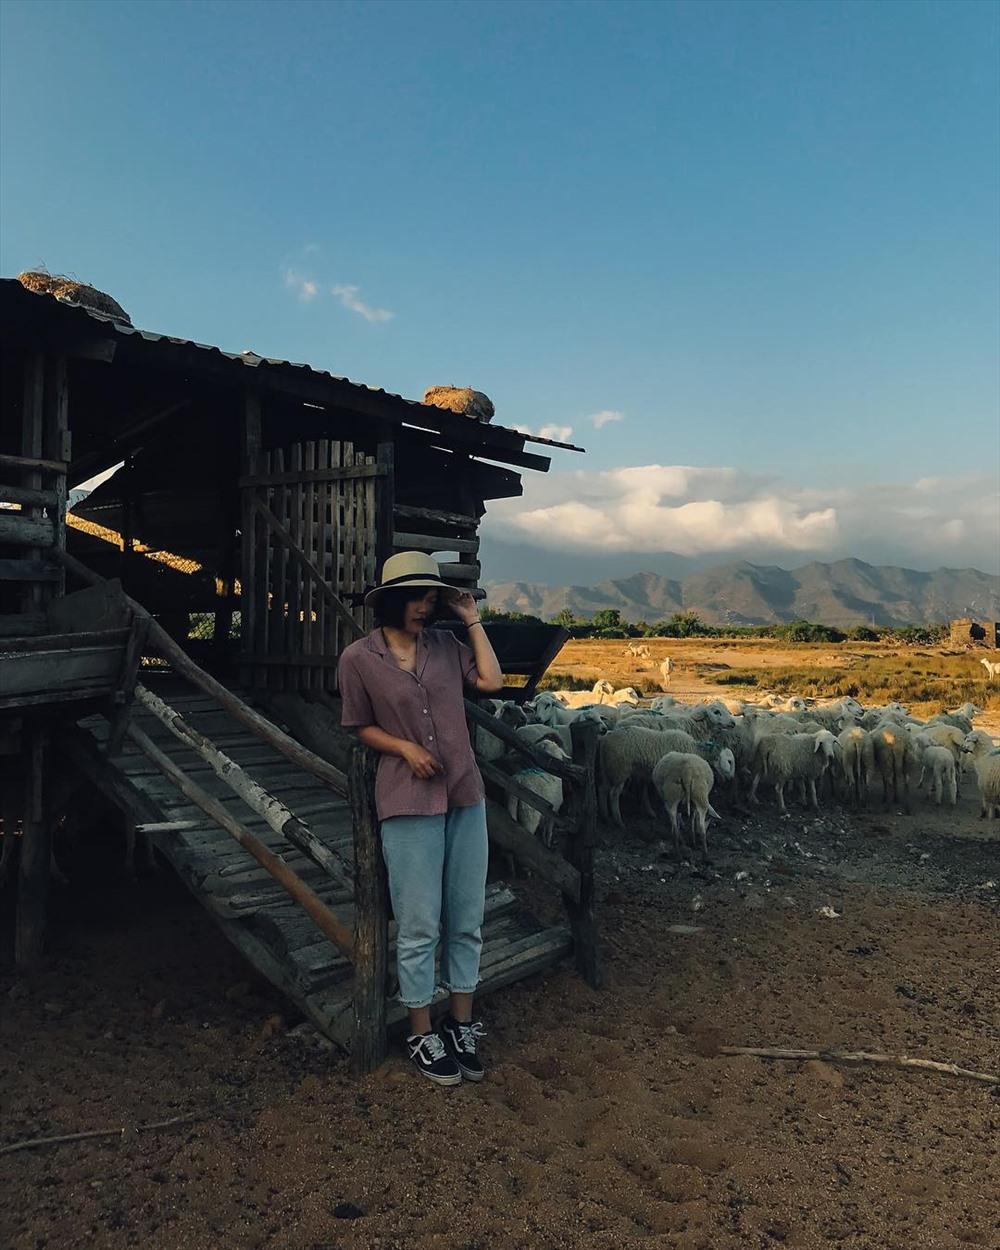 Chuồng cừu được xây cất cao để giữ cho chúng luôn khô ráo.Ảnh: instagram